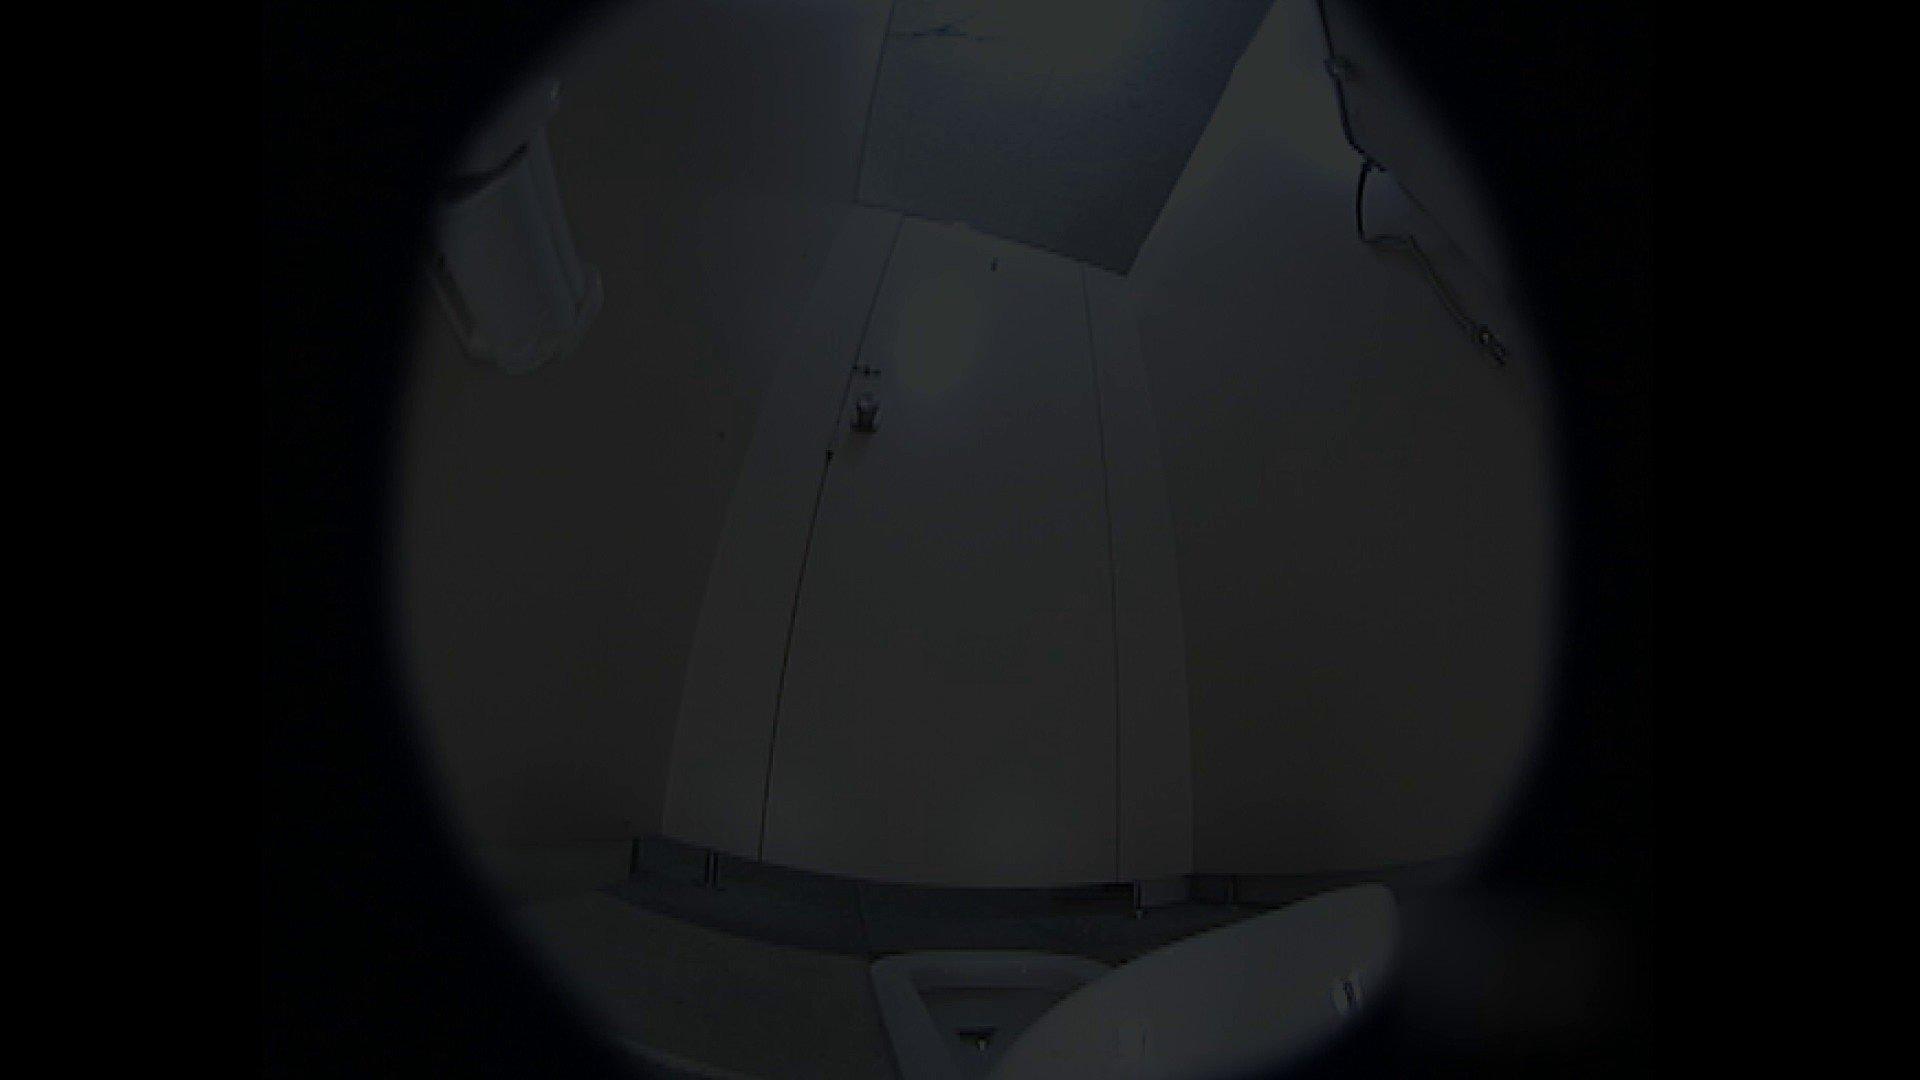 レースクィーントイレ盗撮!Vol.04 盗撮 | お色気美女  101枚 1